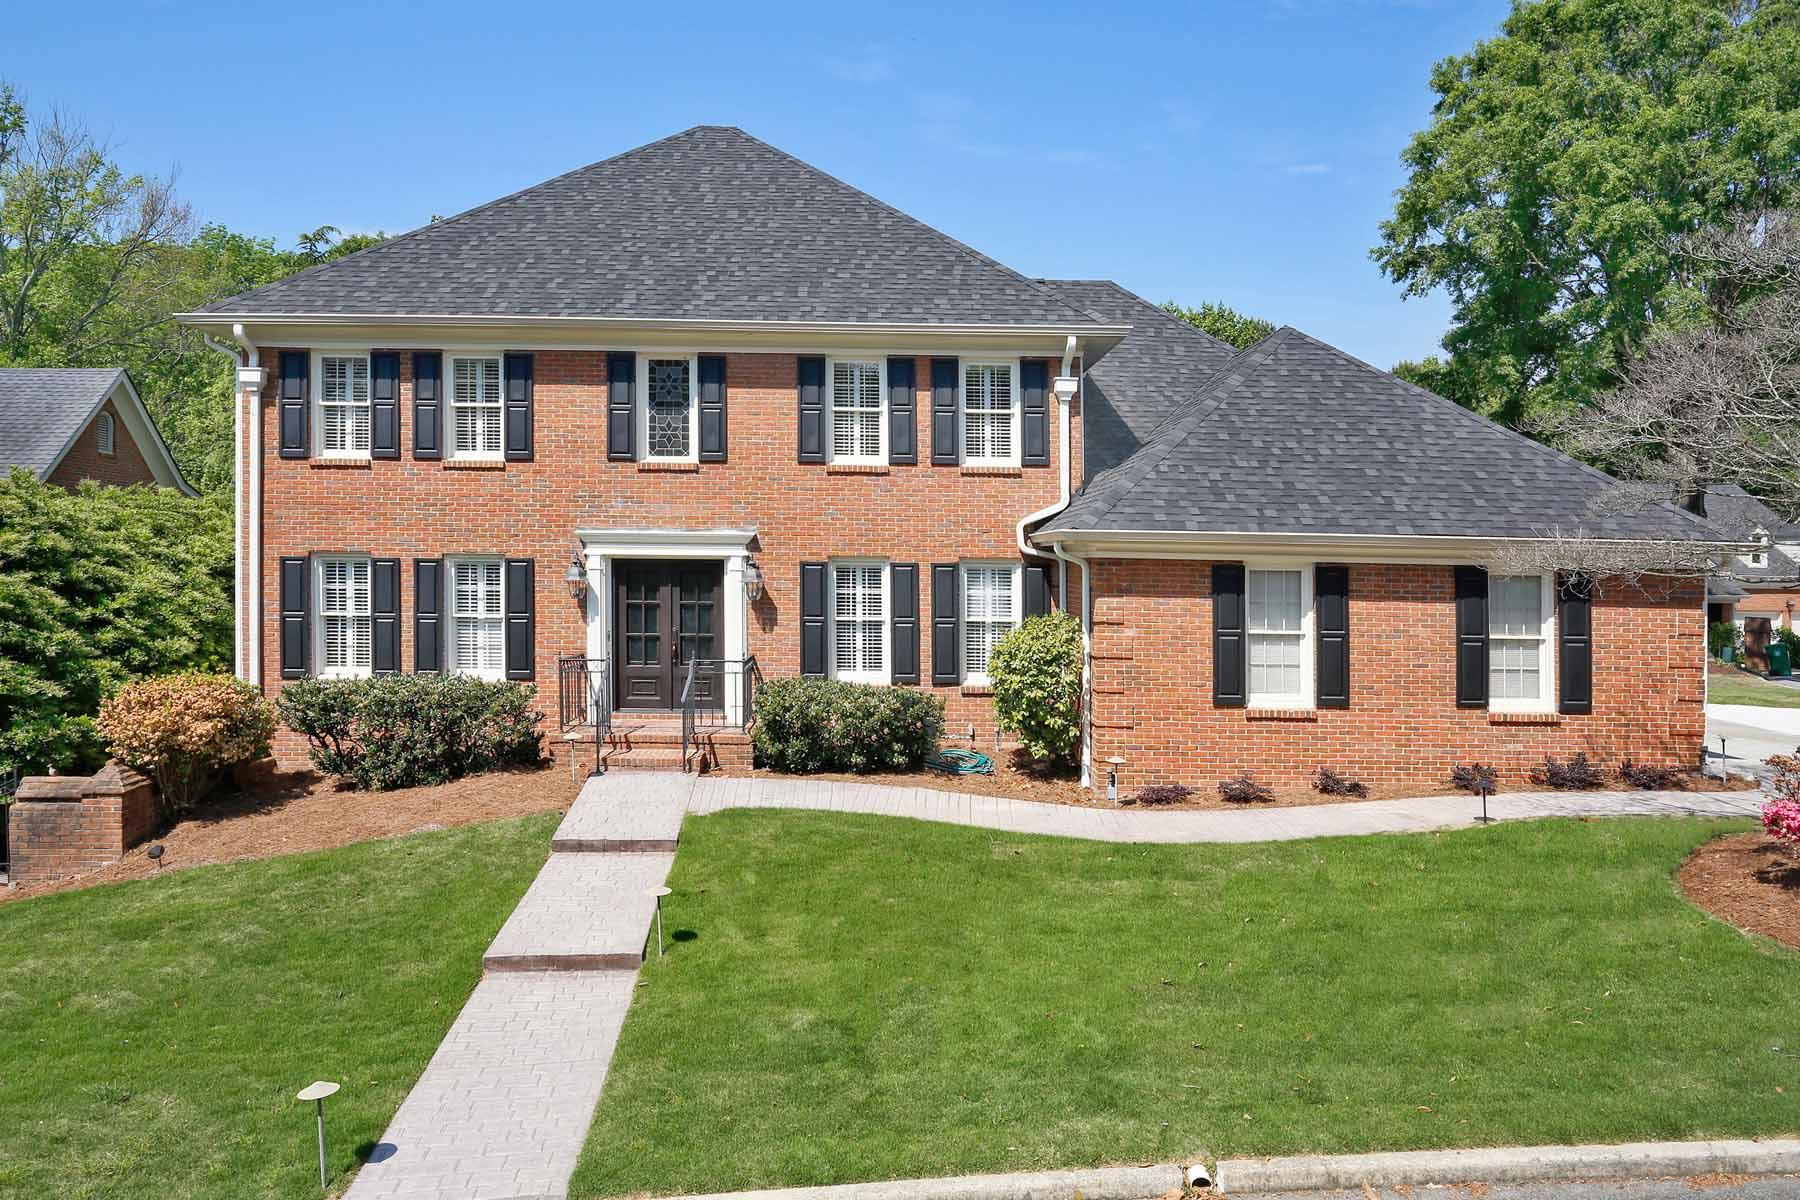 Частный односемейный дом для того Продажа на Completely Renovated with Park Like Backyard Intown 1411 Sheridan Walk NE Atlanta, Джорджия, 30324 Соединенные Штаты